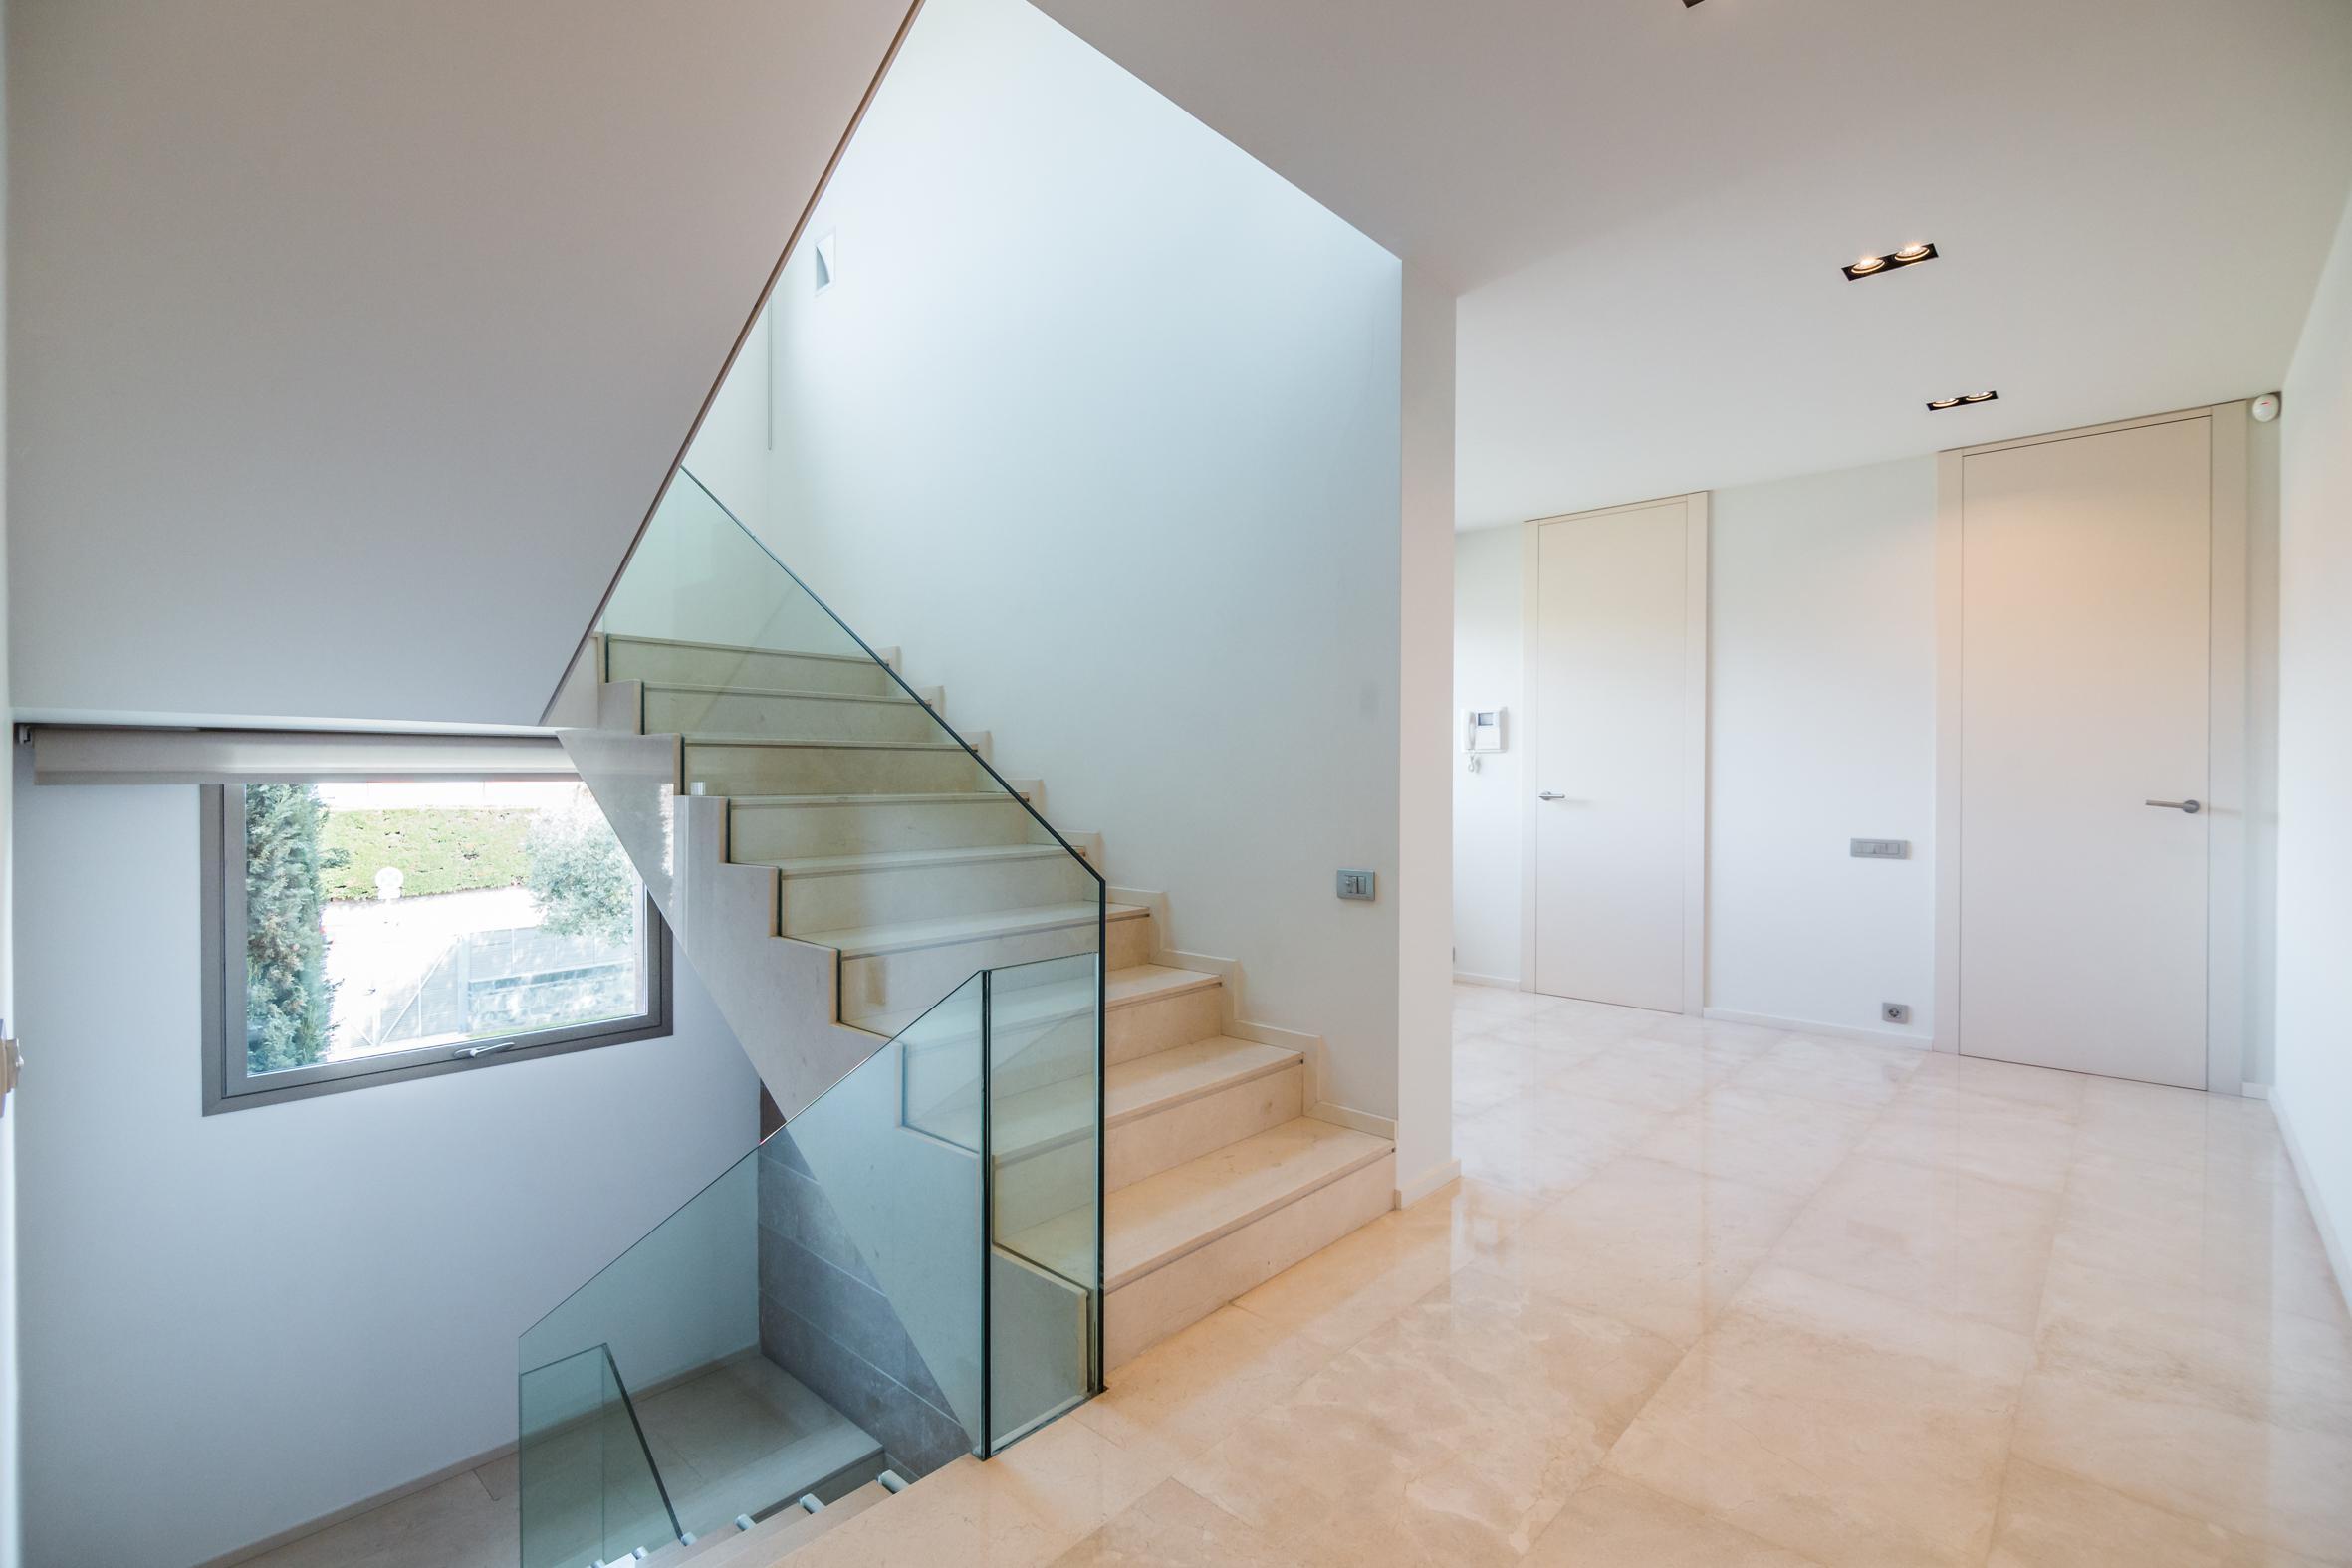 204447 Casa en venda en Les Corts, Pedralbes 16